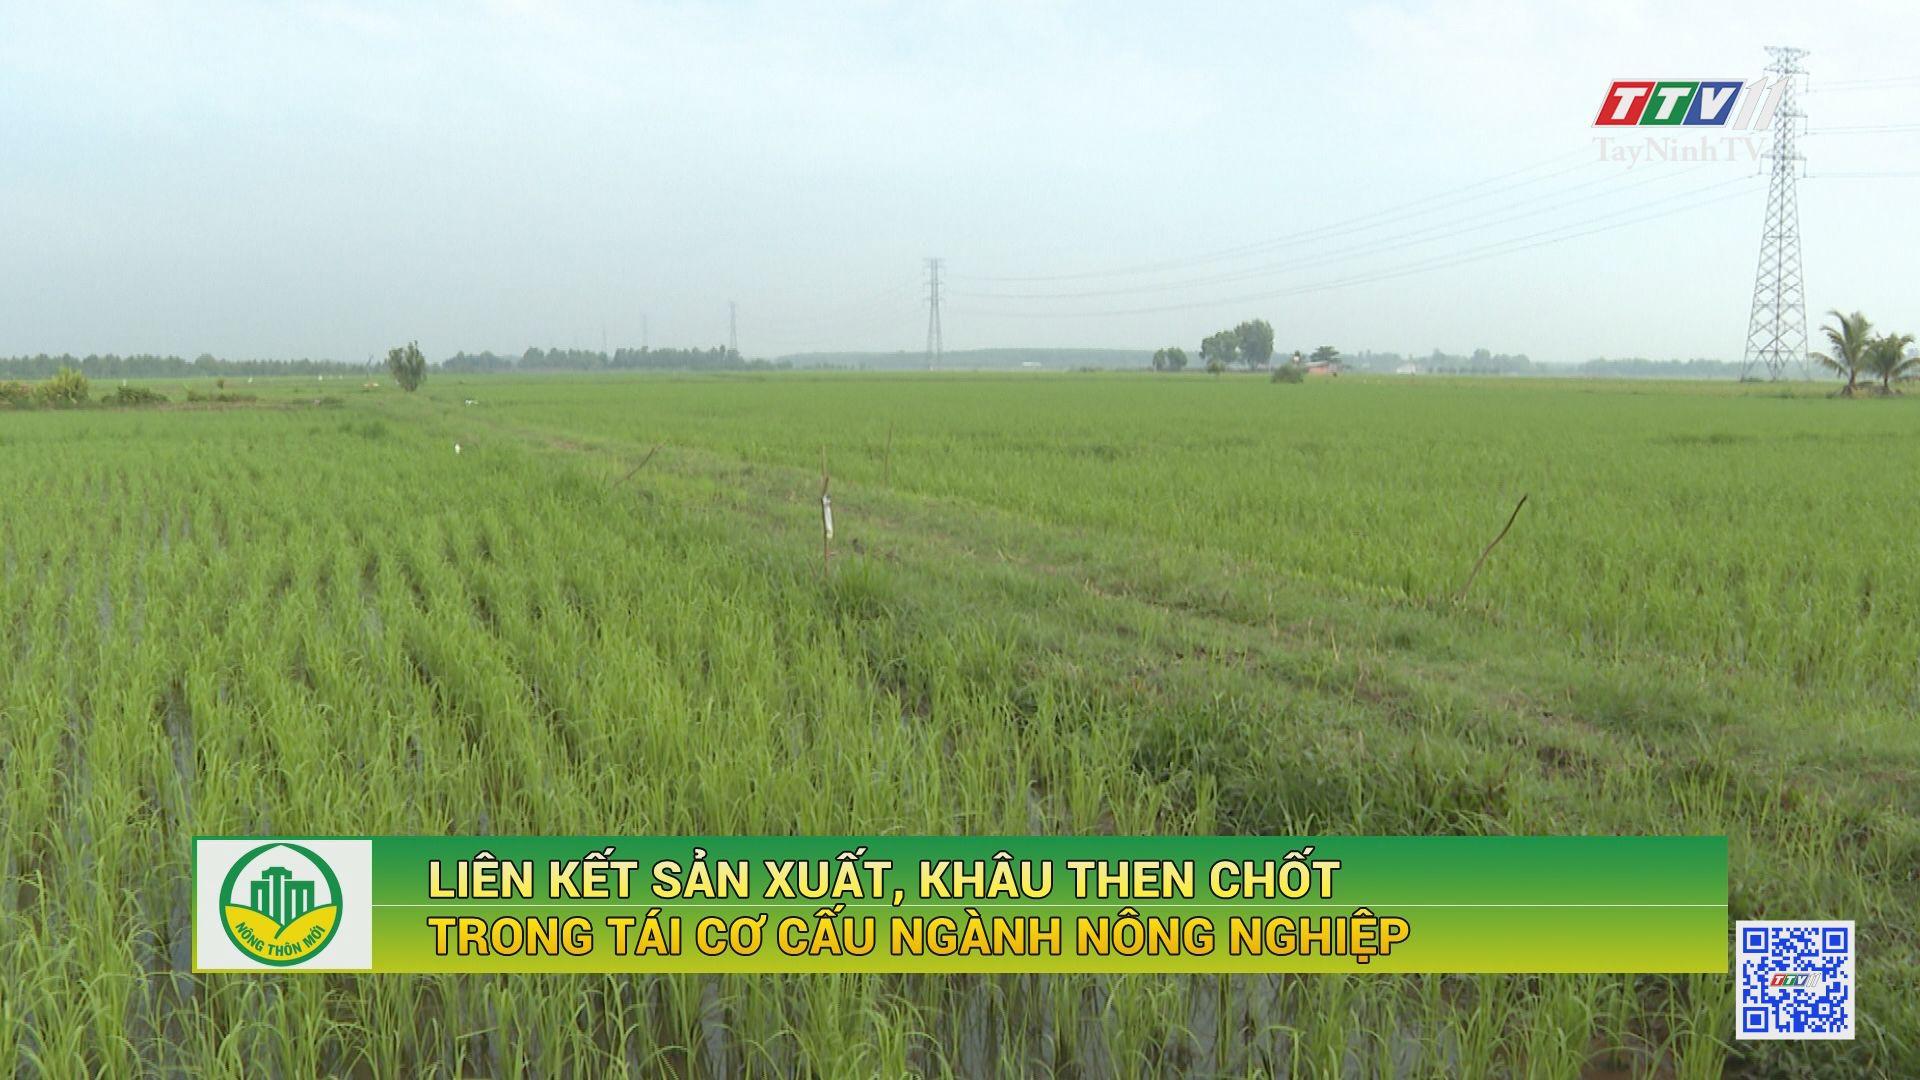 Liên kết sản xuất, khâu then chốt trong tái cơ cấu ngành nông nghiệp | NÔNG THÔN MỚI | TayNinhTV